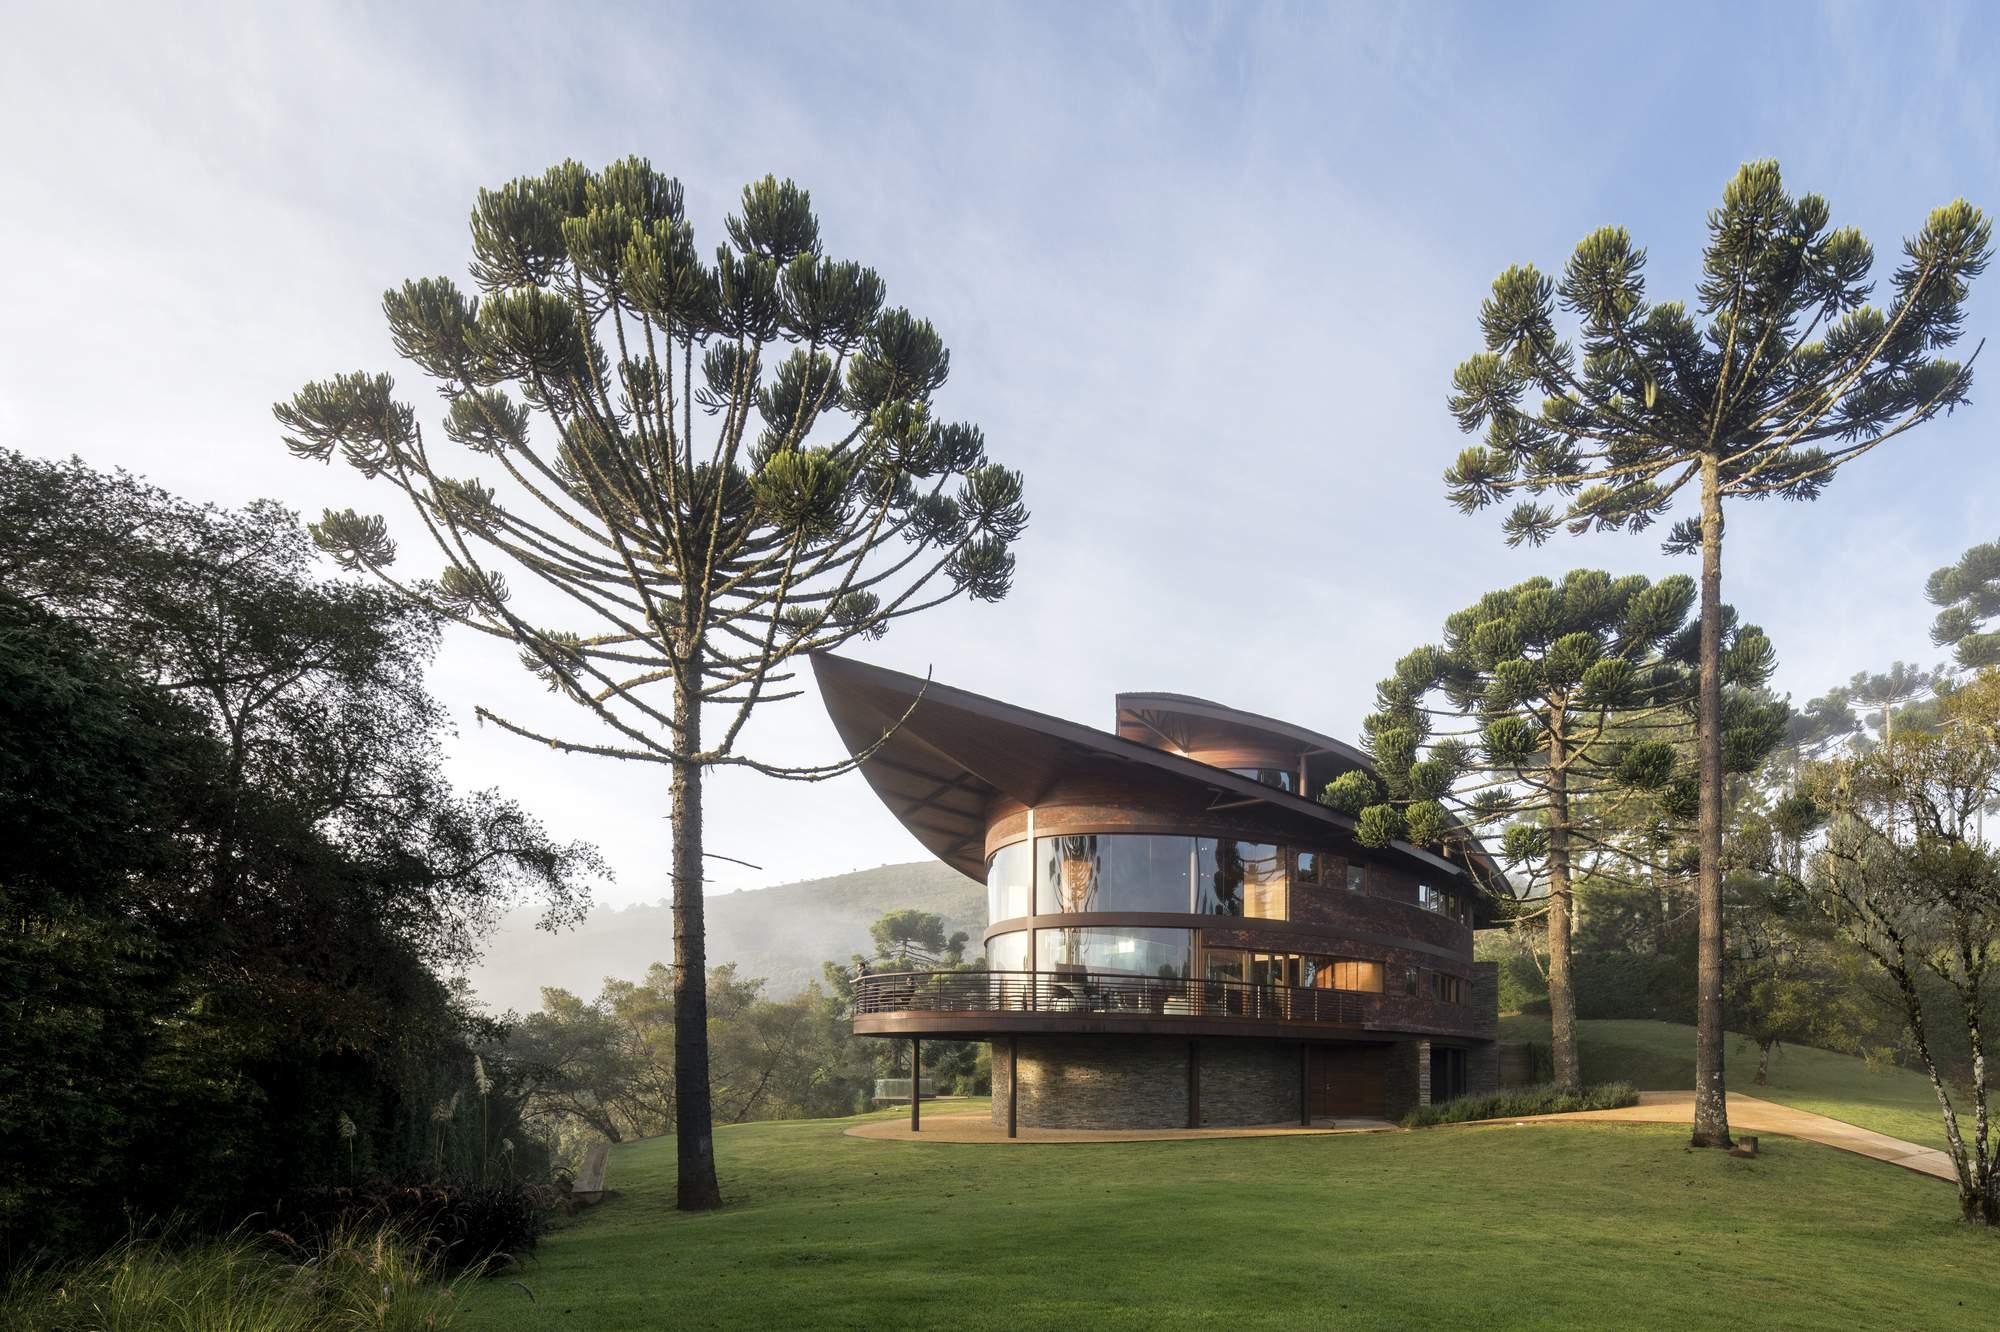 Резиденция с эллиптическим дизайном, Бразилия